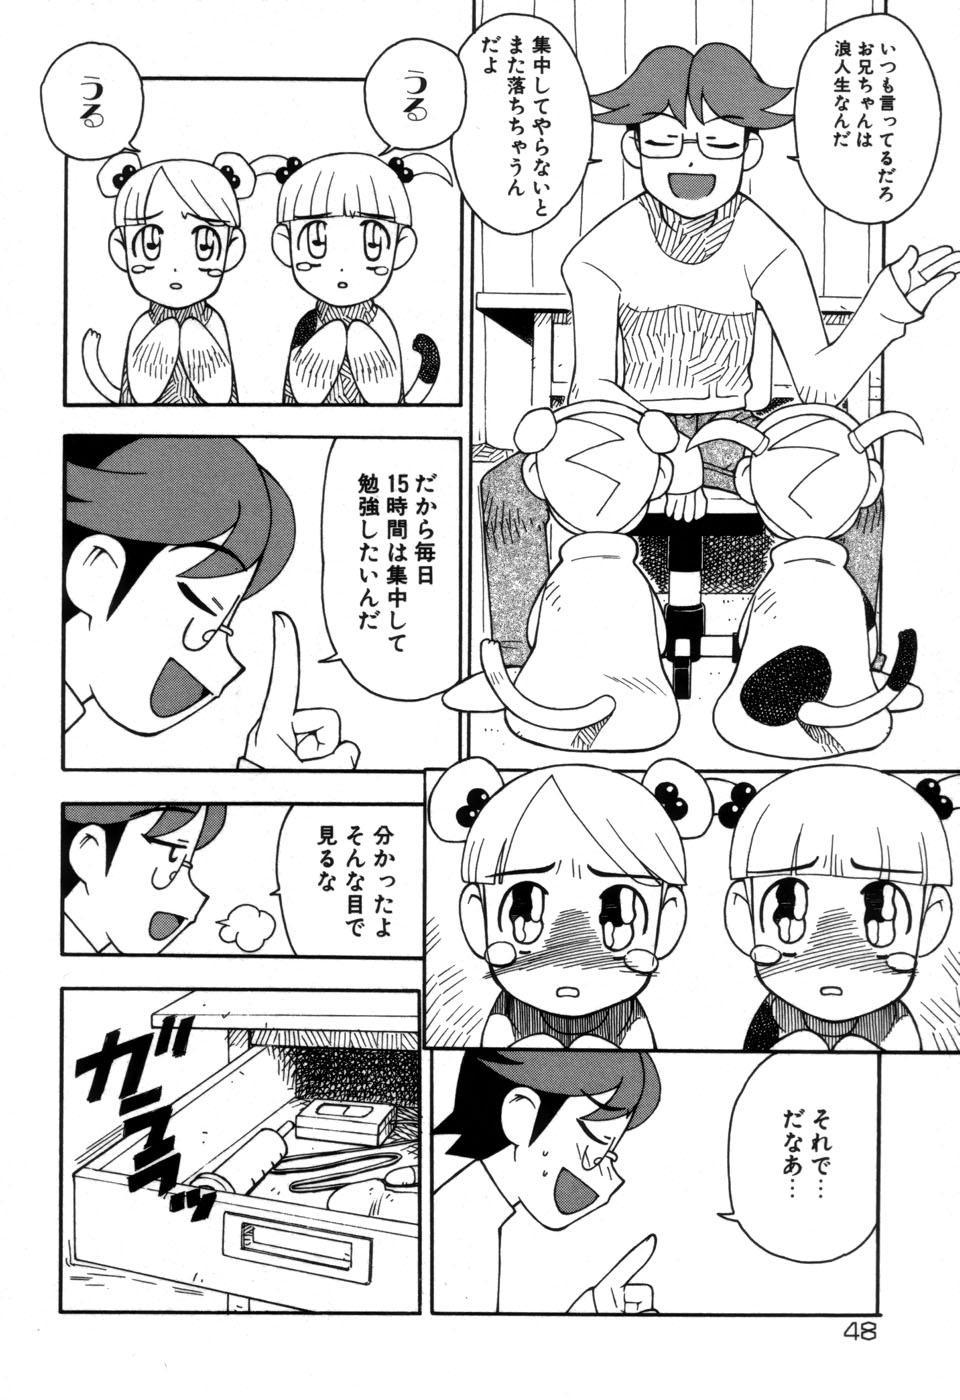 Imouto no Hiasobi 49